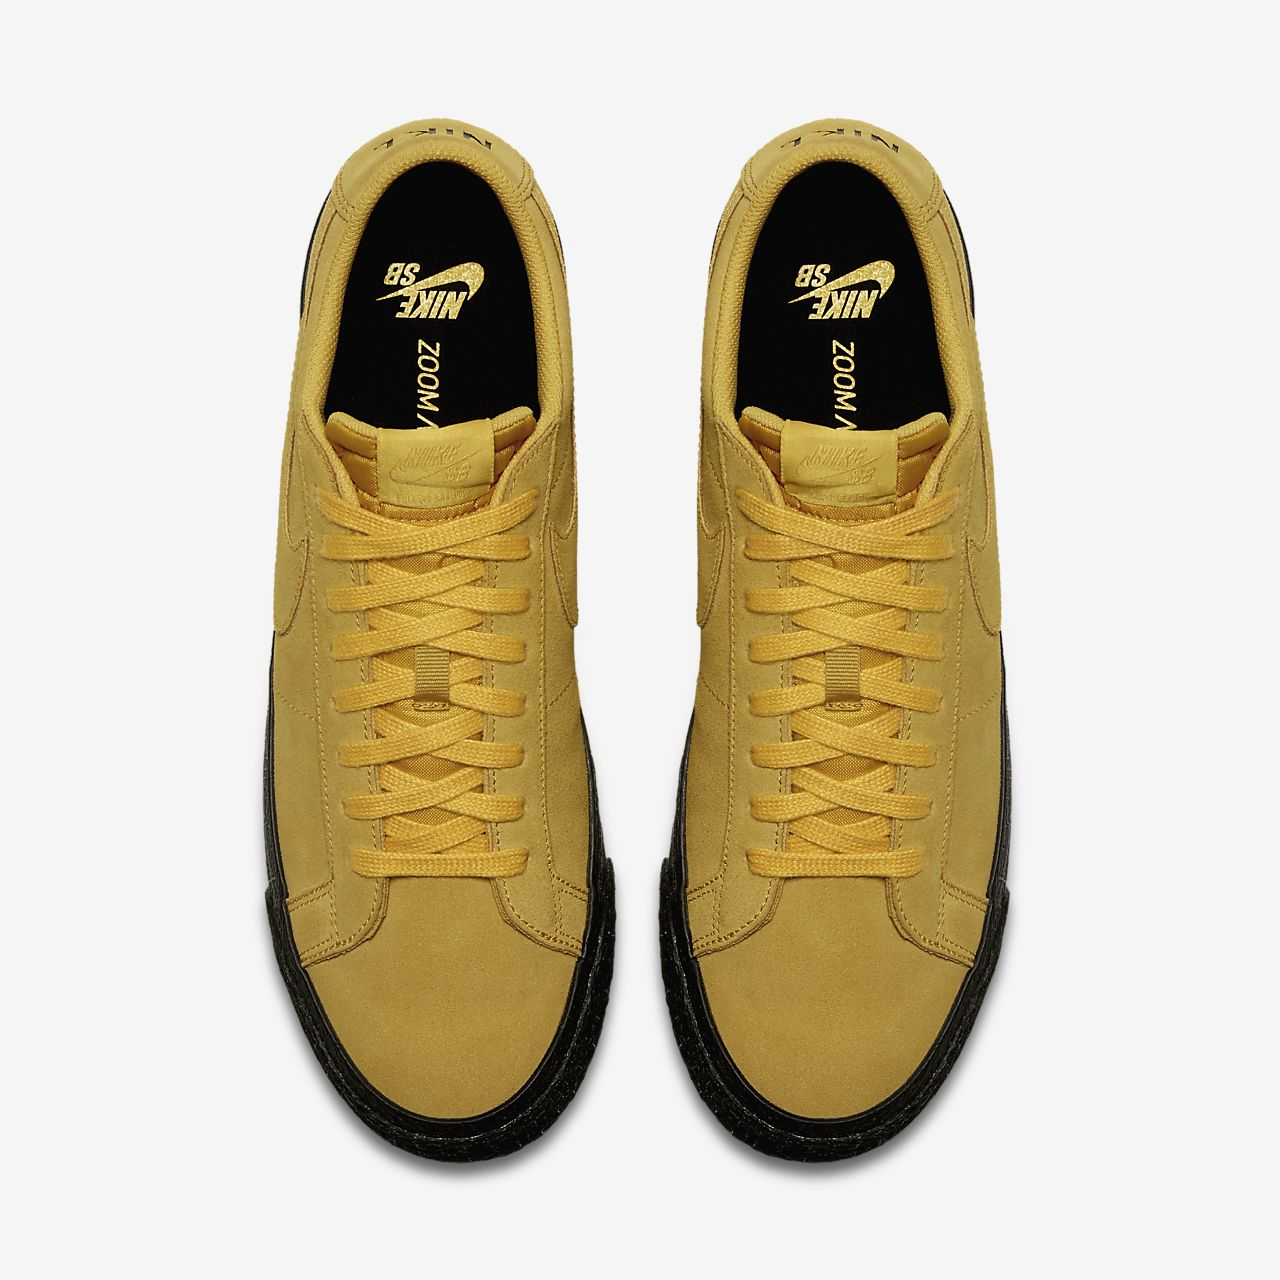 f2231d7c643a sb-blazer-zoom-low-skateboarding-shoe-pogNGE.jpg